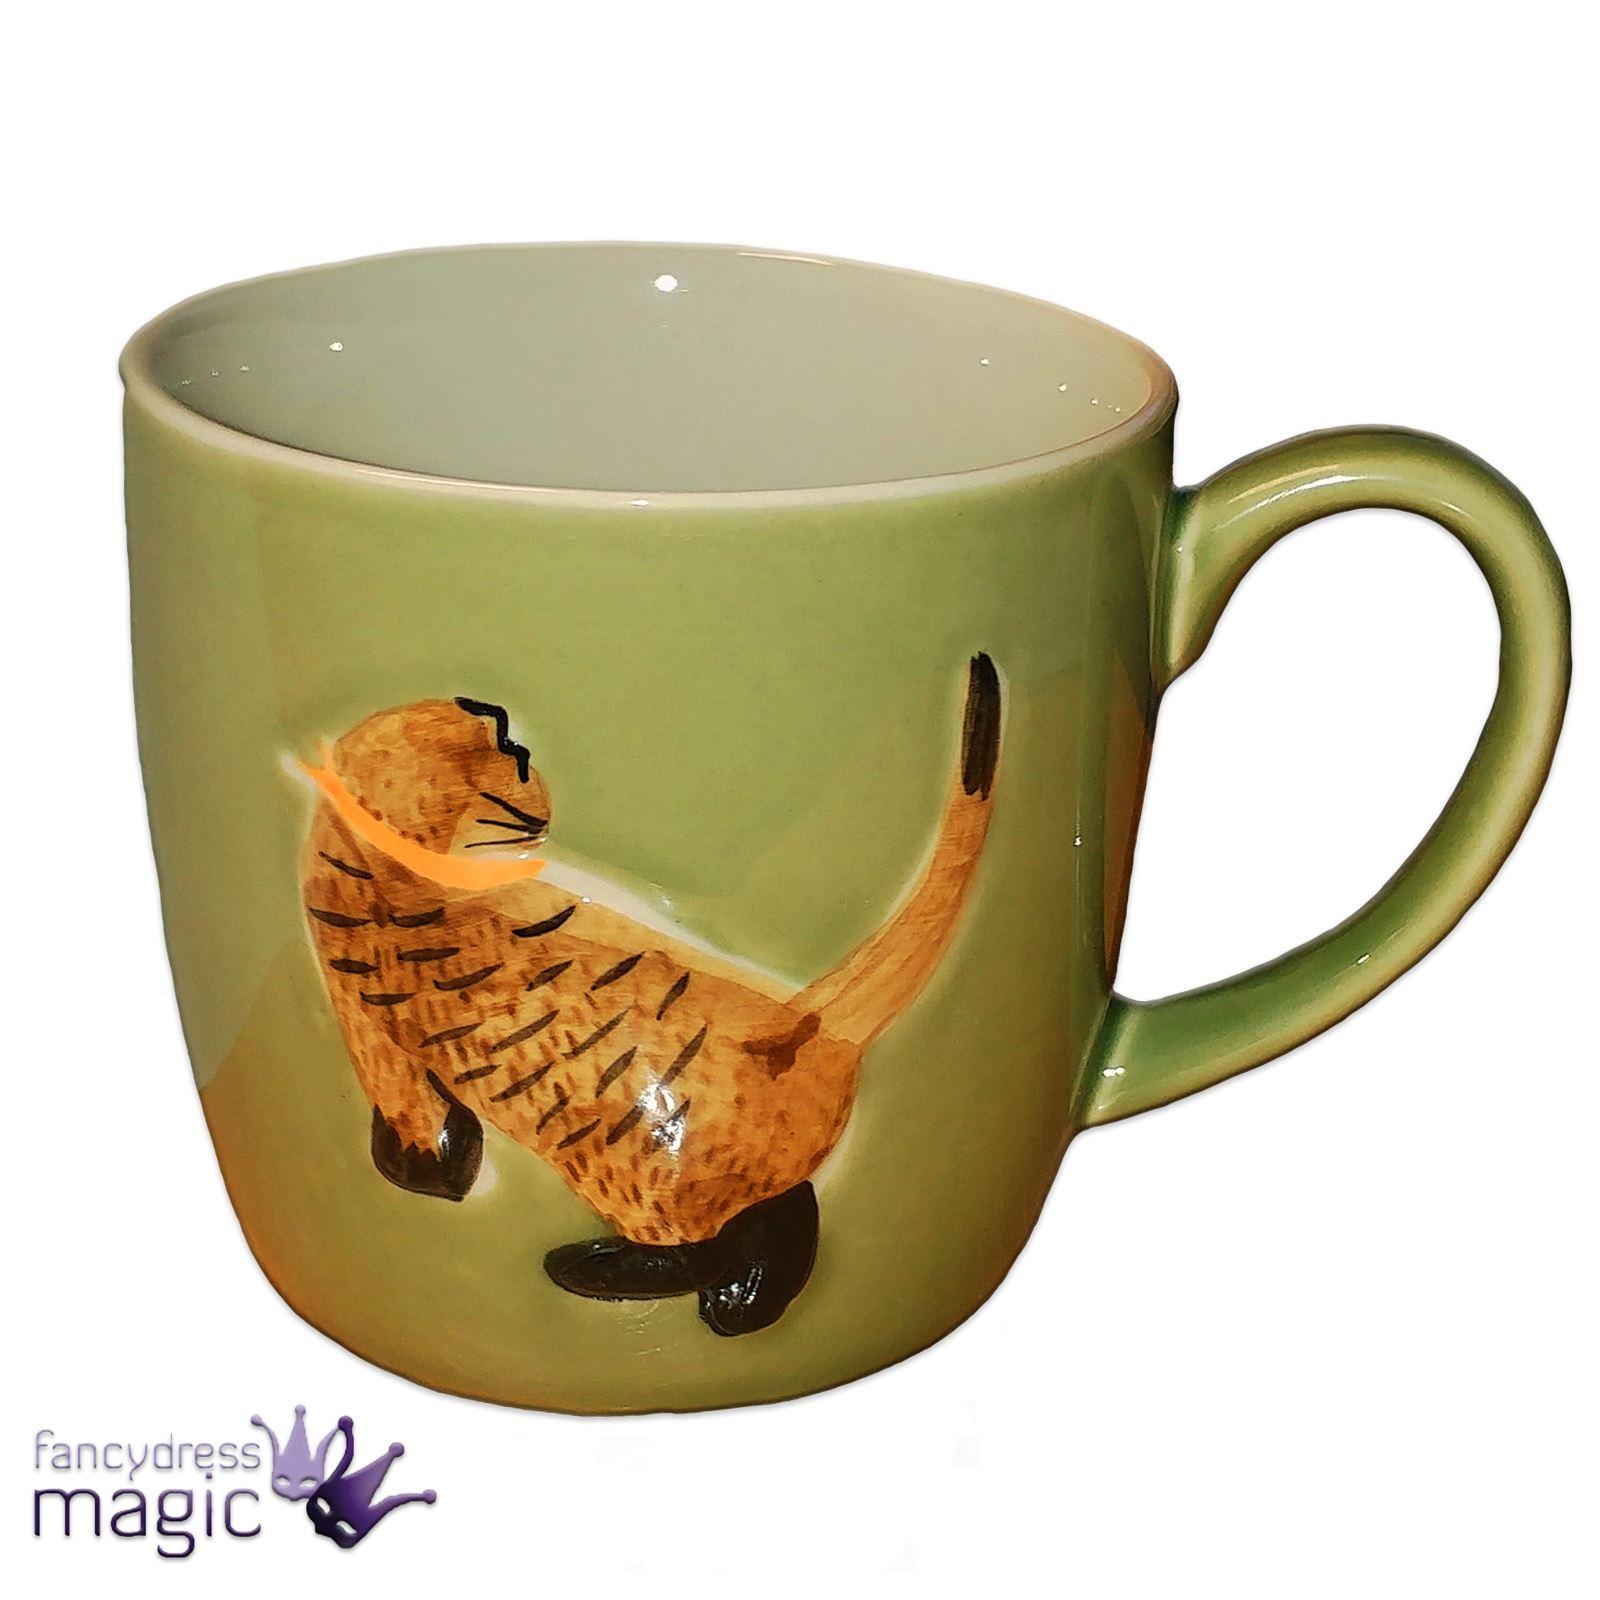 gisela graham c ramique tasse caf tasse th en relief design chat animal ebay. Black Bedroom Furniture Sets. Home Design Ideas